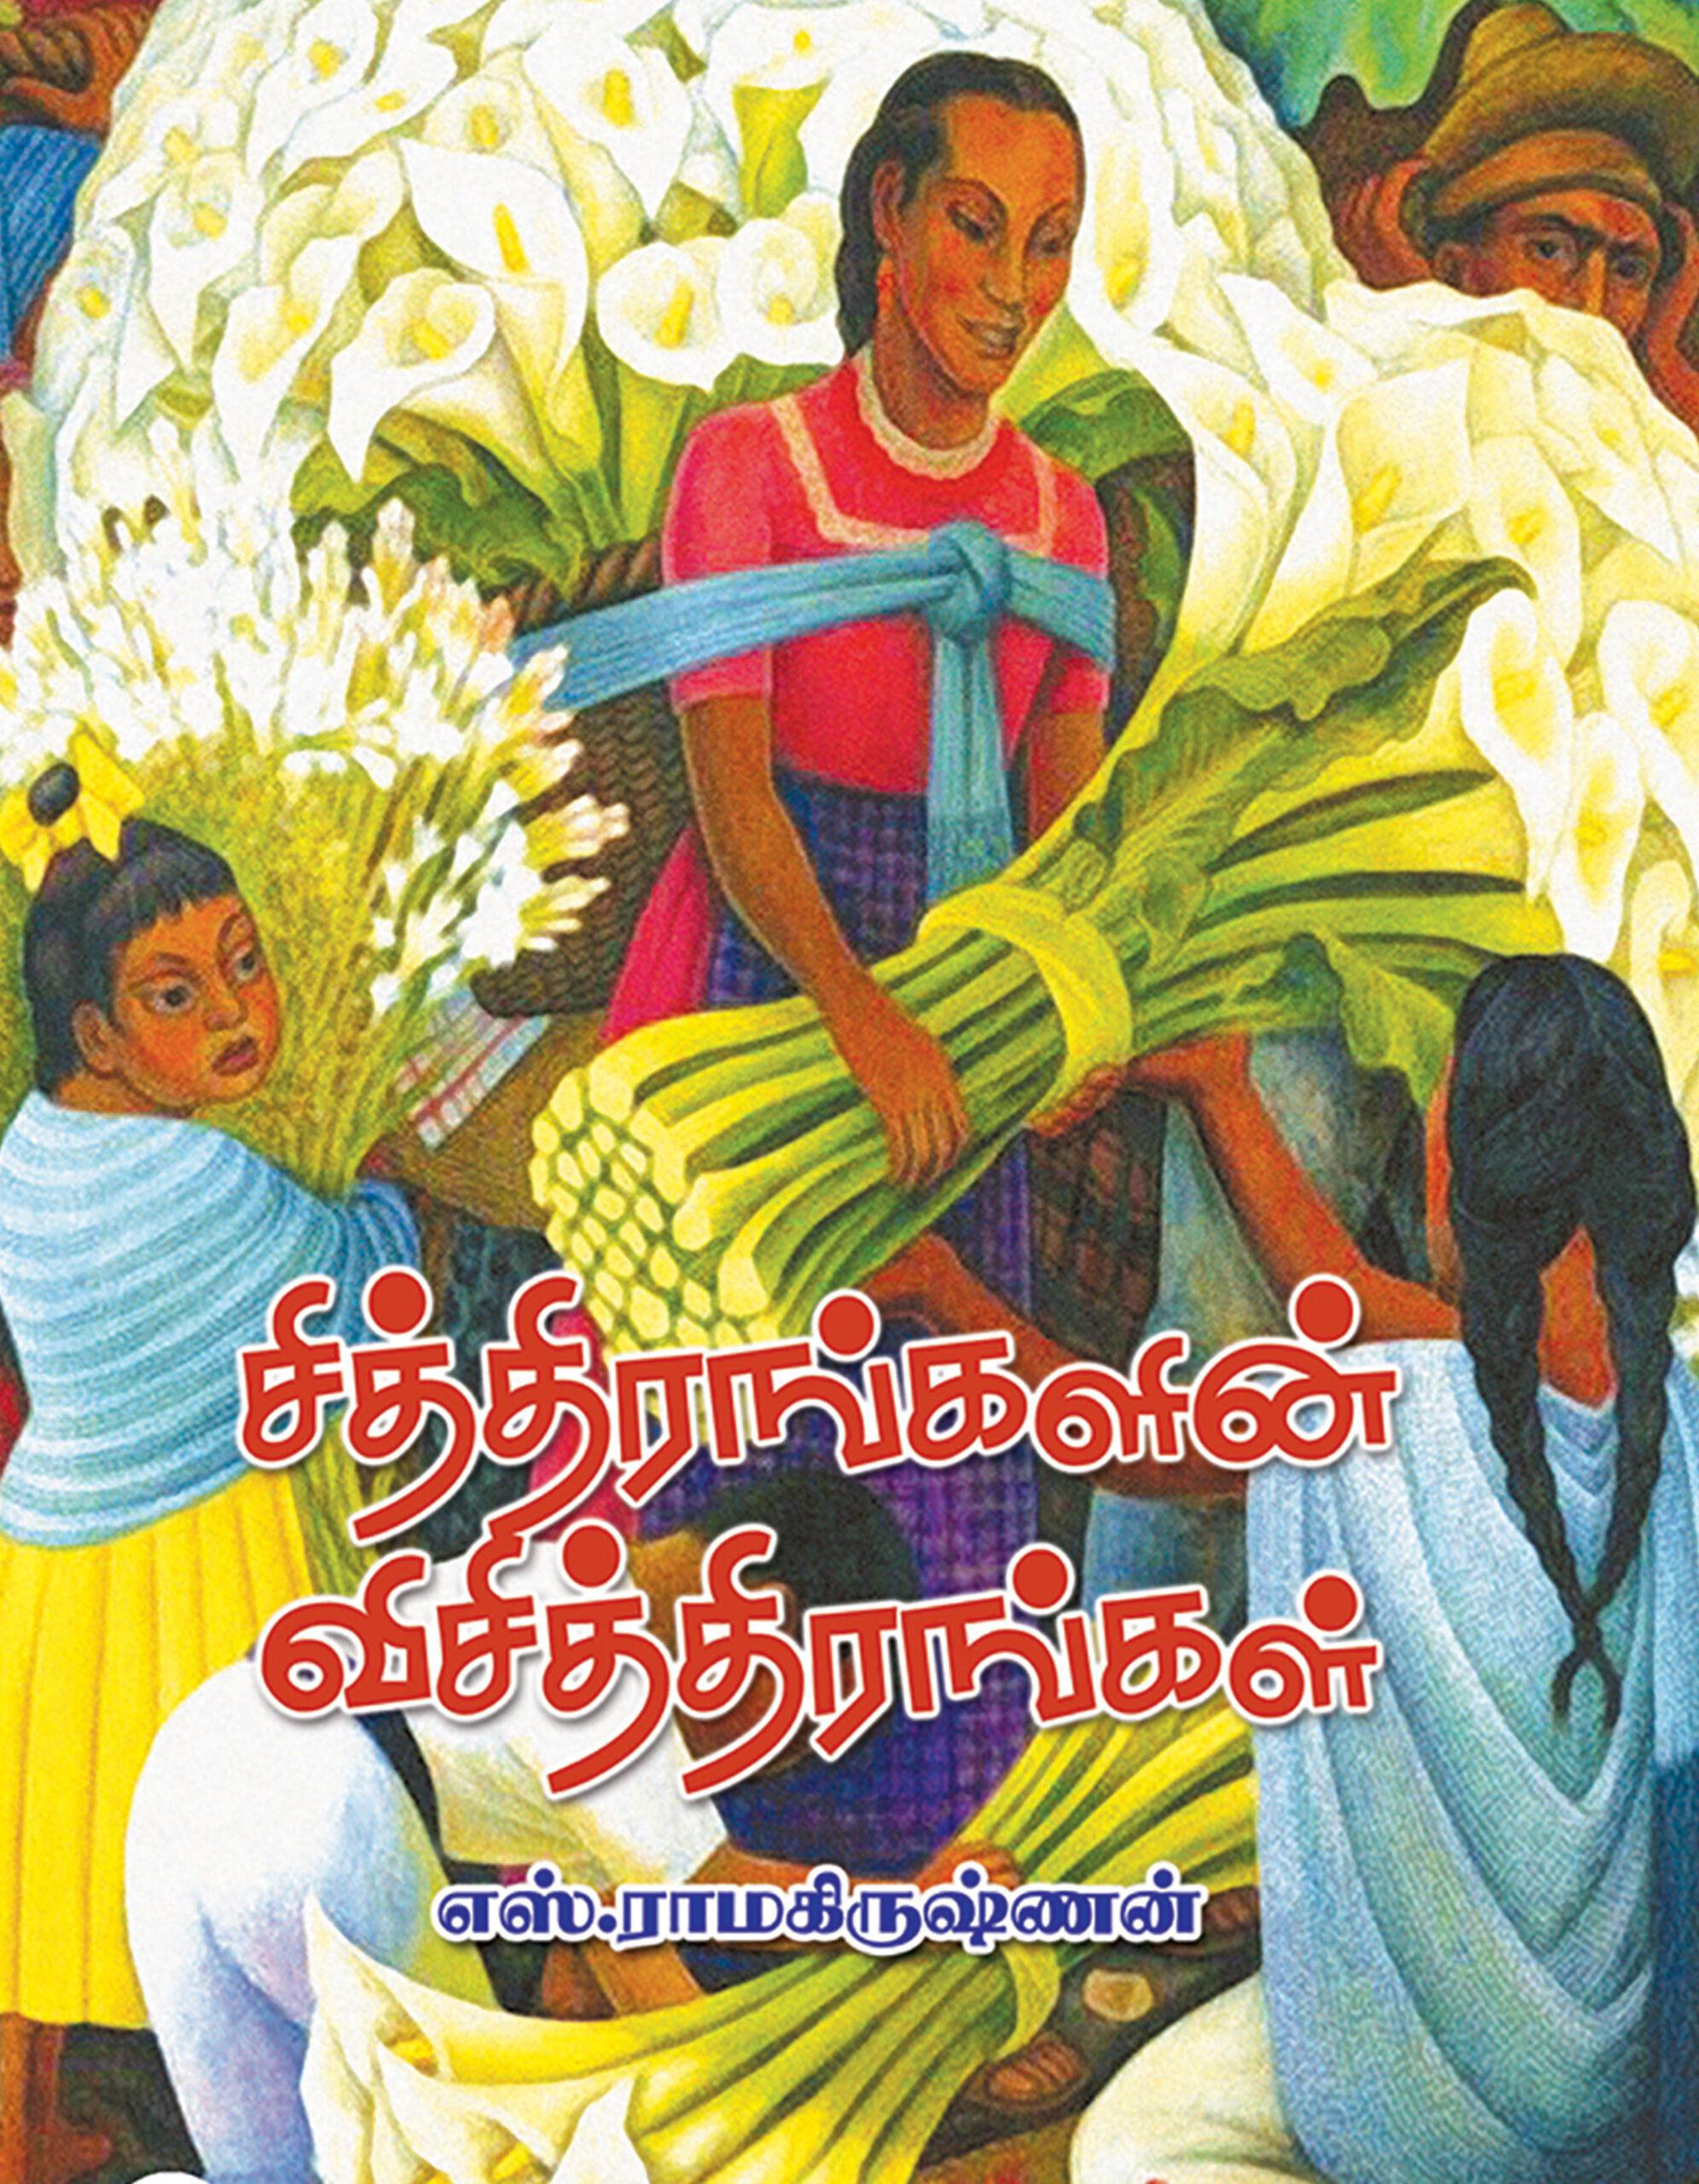 சித்திரங்களின் விசித்திரங்கள்-Sithirangalin vichithirangal